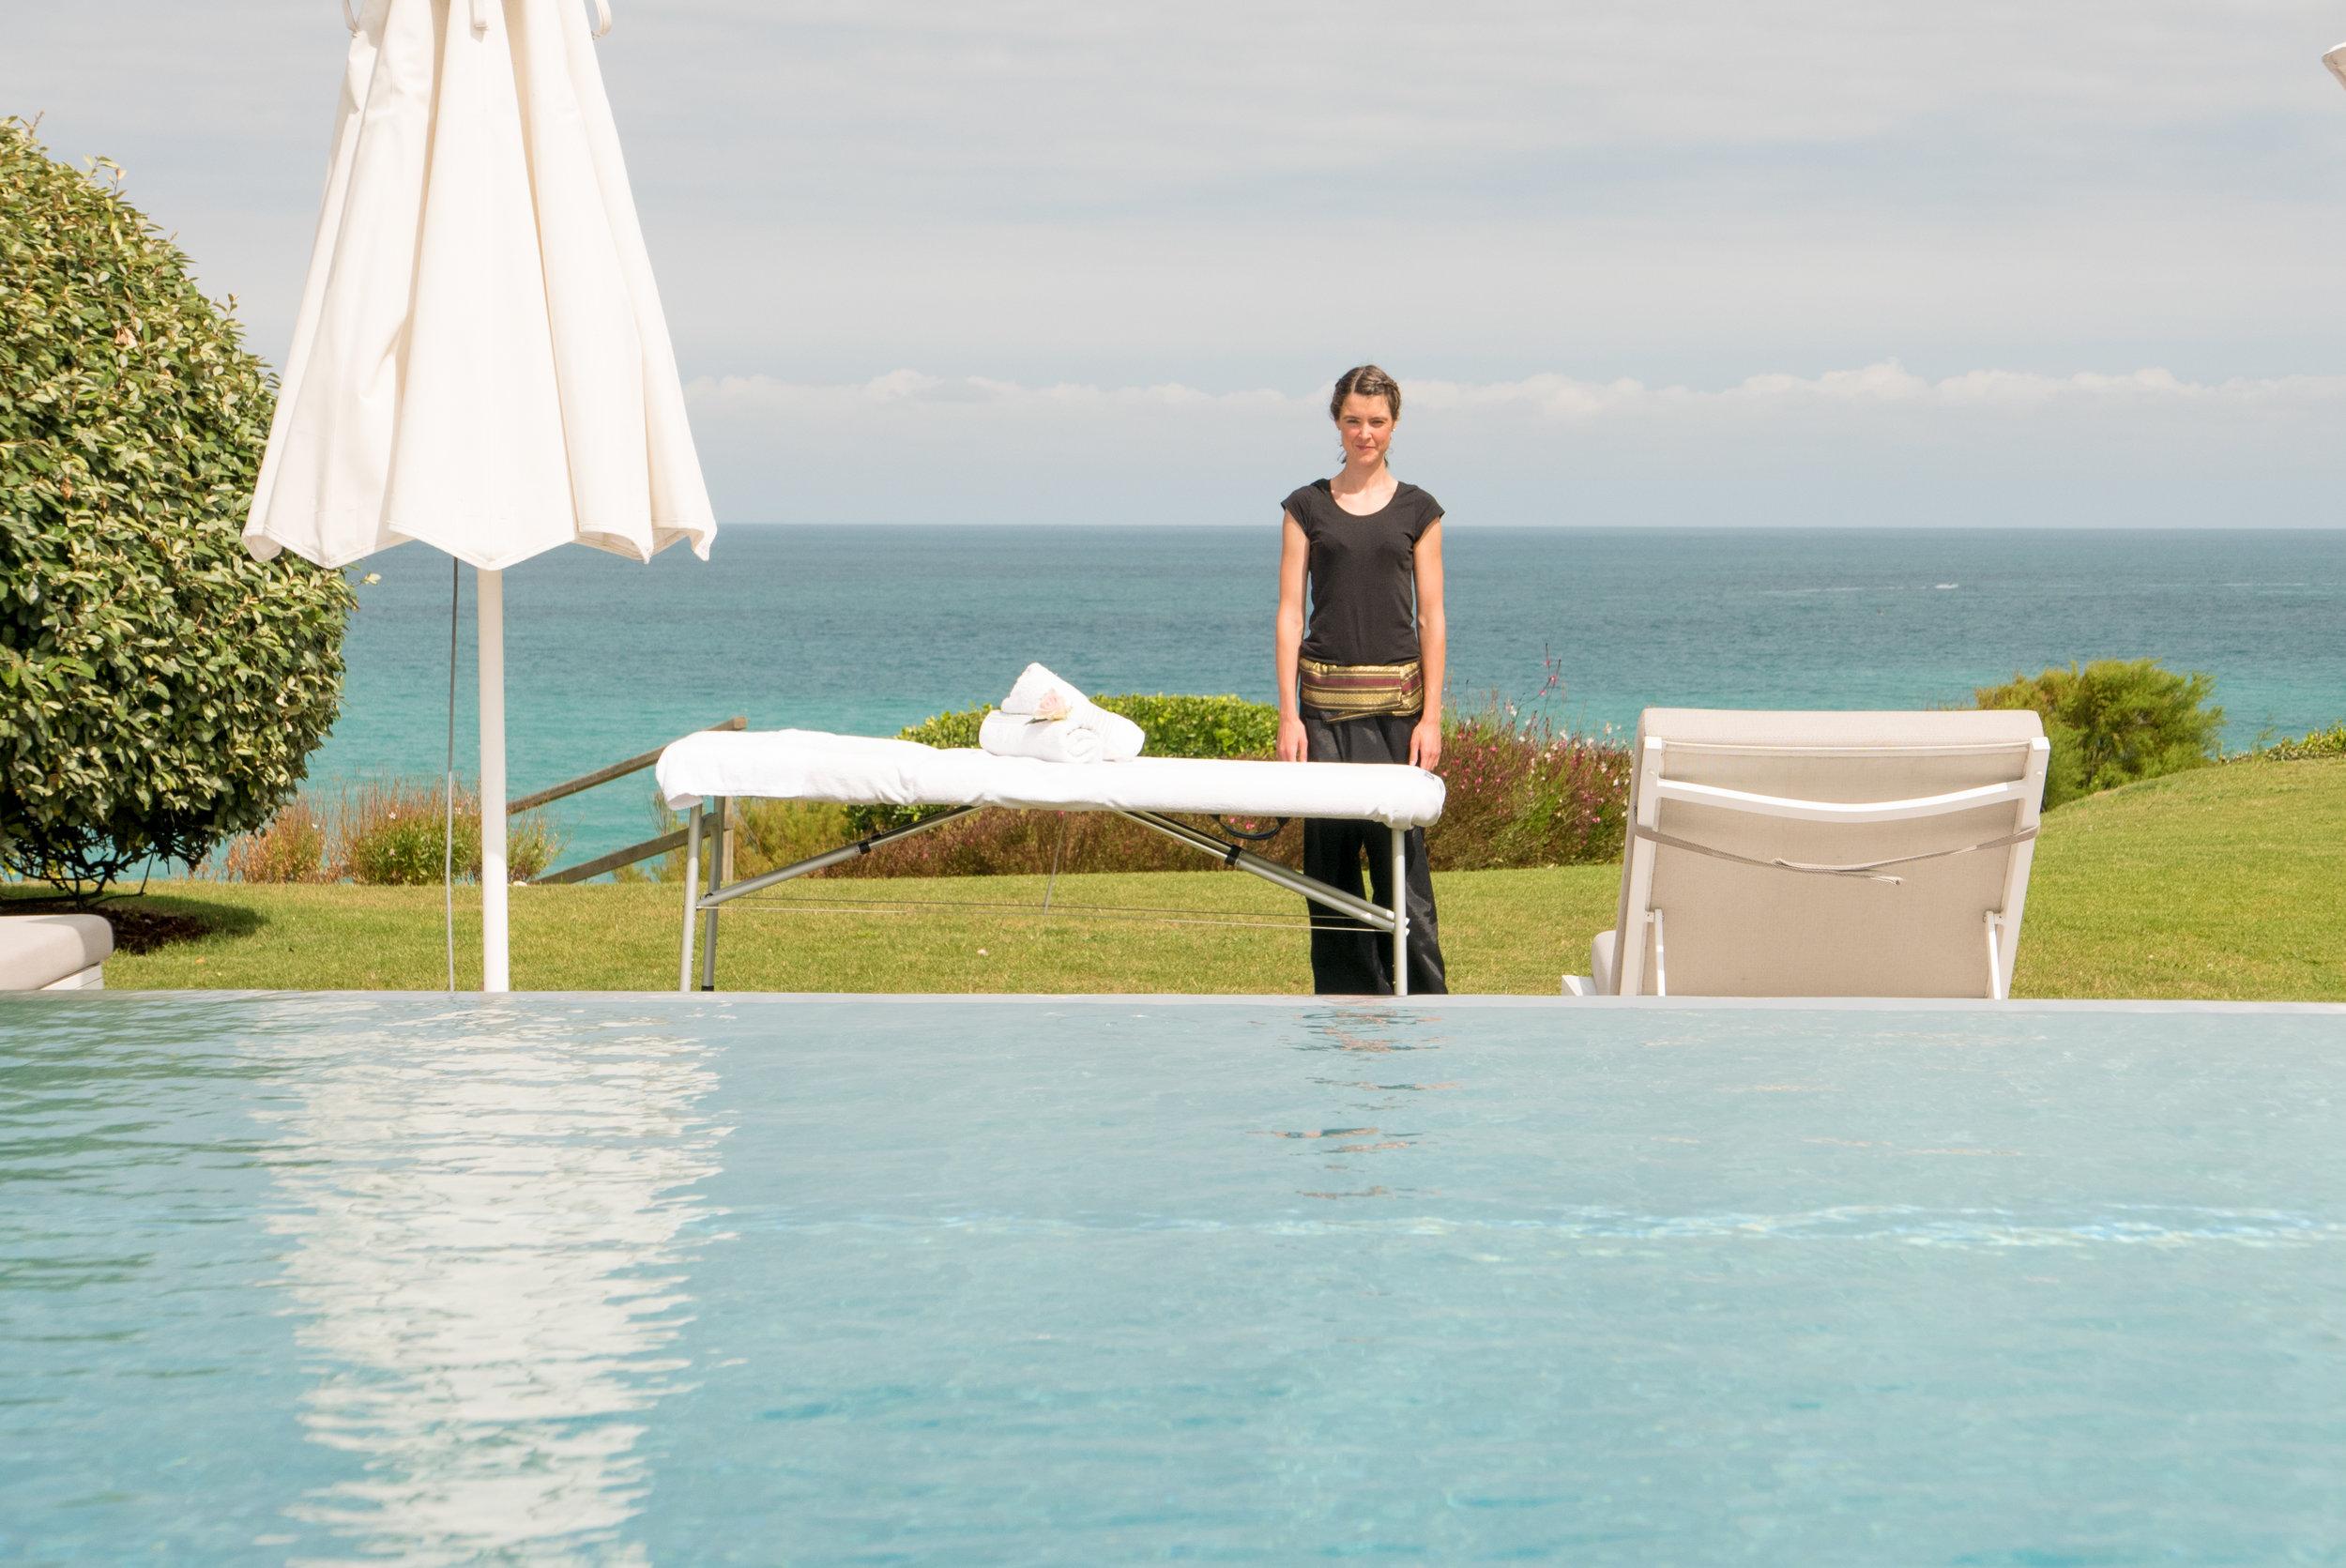 Massages à domicile haut de gamme à Biarritz, Anglet, Bayonne,Bidart de Bihaimssages